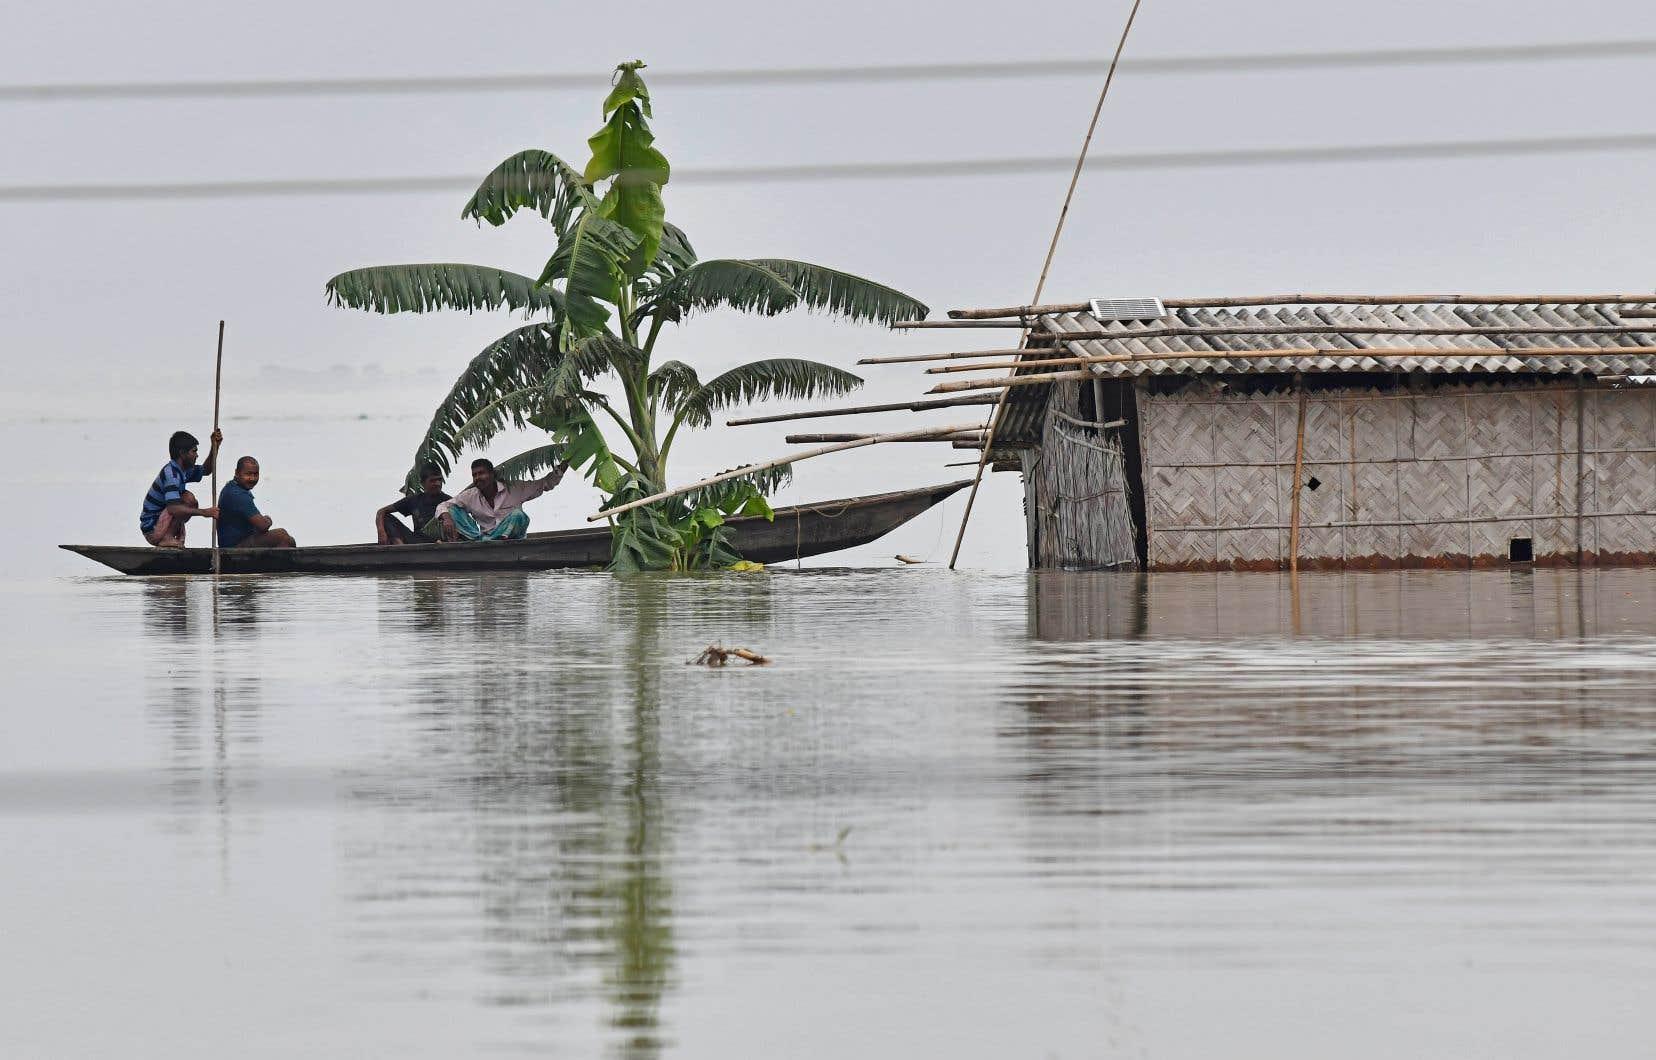 Dans le nord-est de l'Inde, des maisons et des localités où vivent plus de quatre millions de personnes ont été inondées ou endommagées par les précipitations torrentielles.